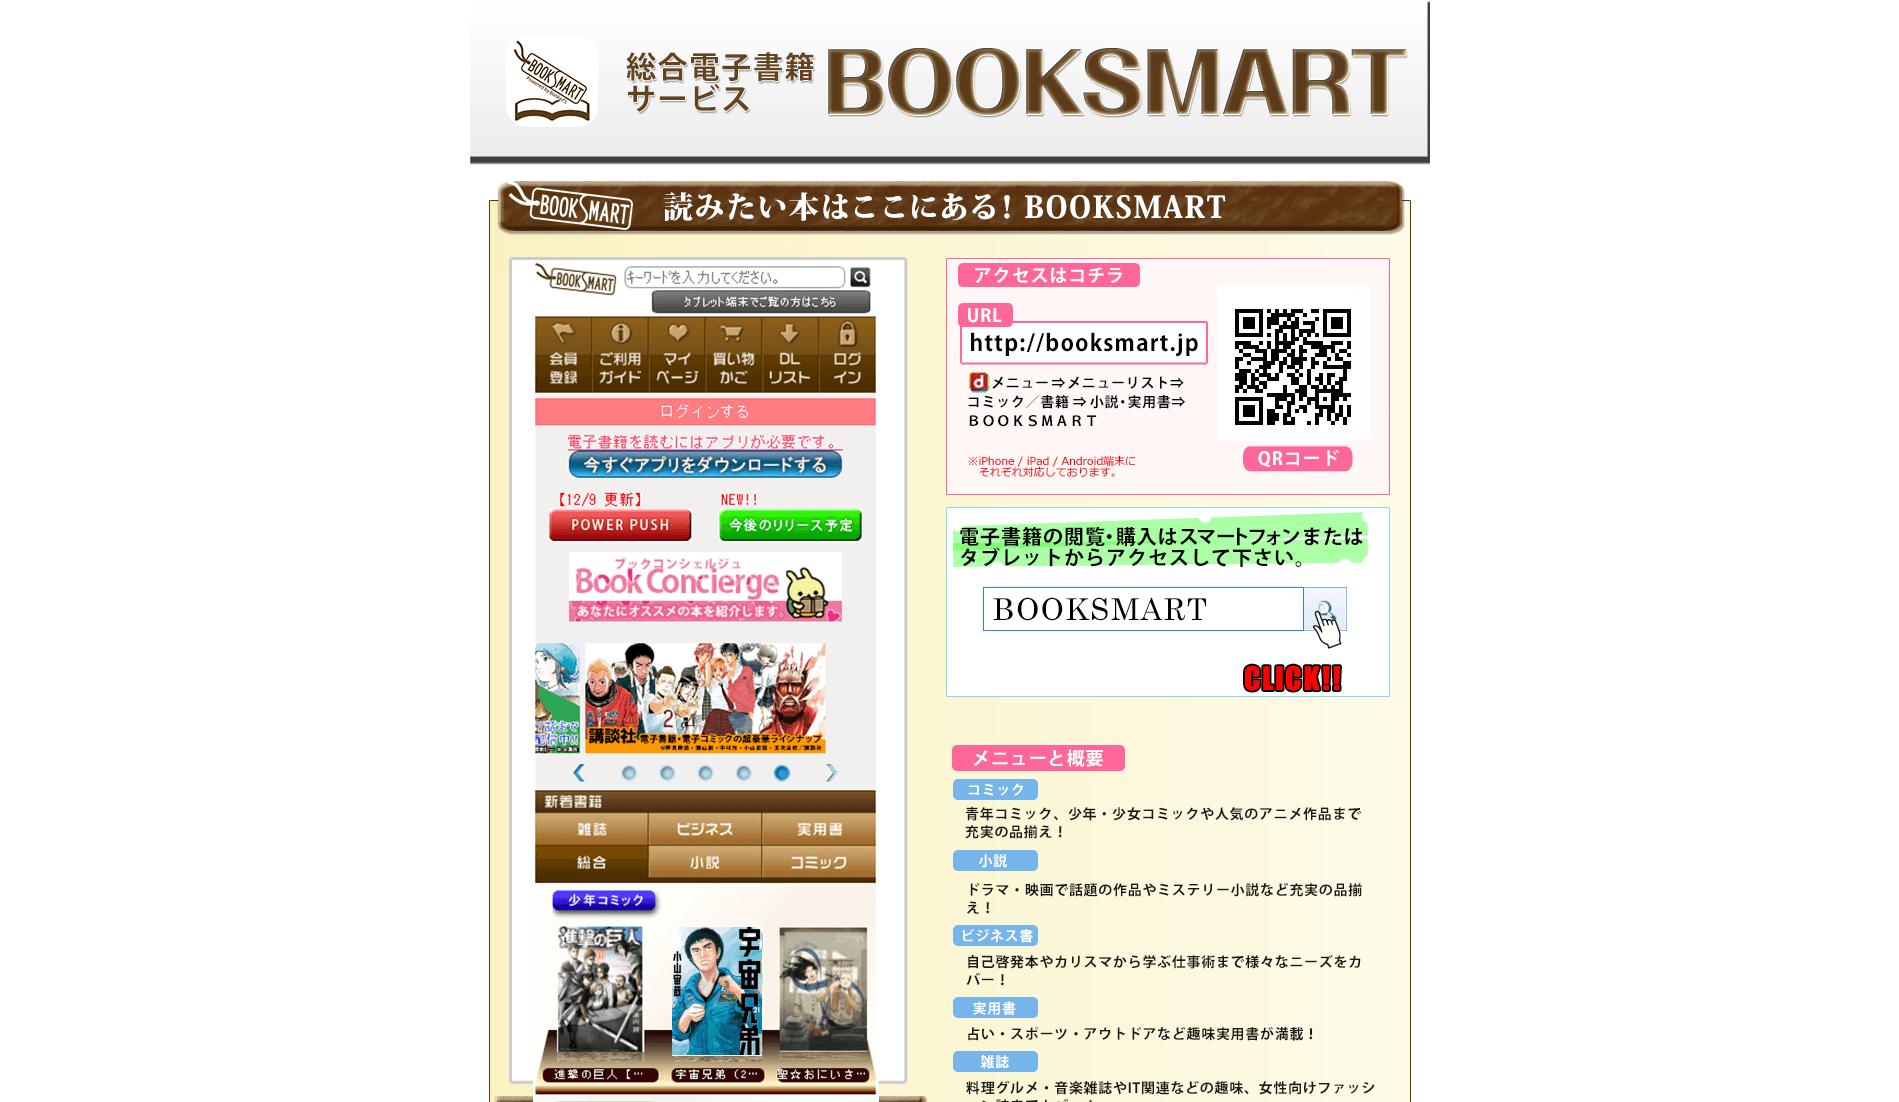 電子書籍ストア BOOKSMART(ブックスマート) Powered by Booker's